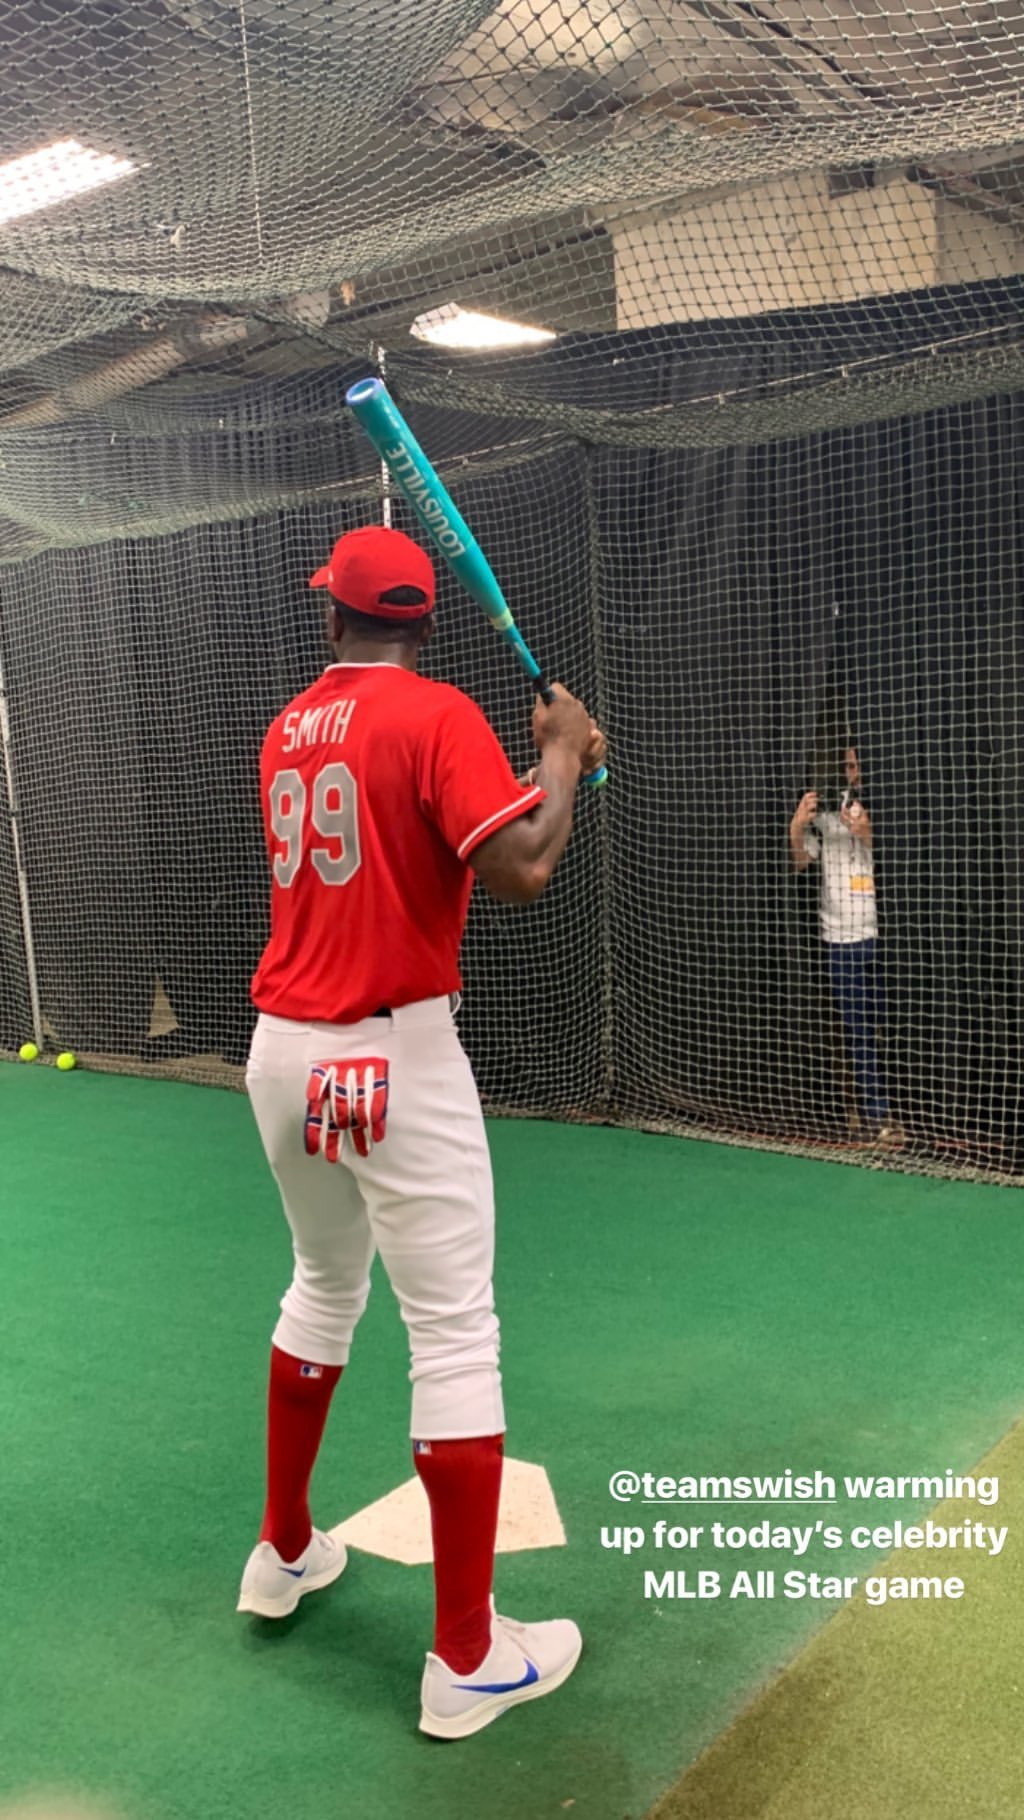 全神贯注!JR-史密斯为职棒大联盟名人赛训练热身